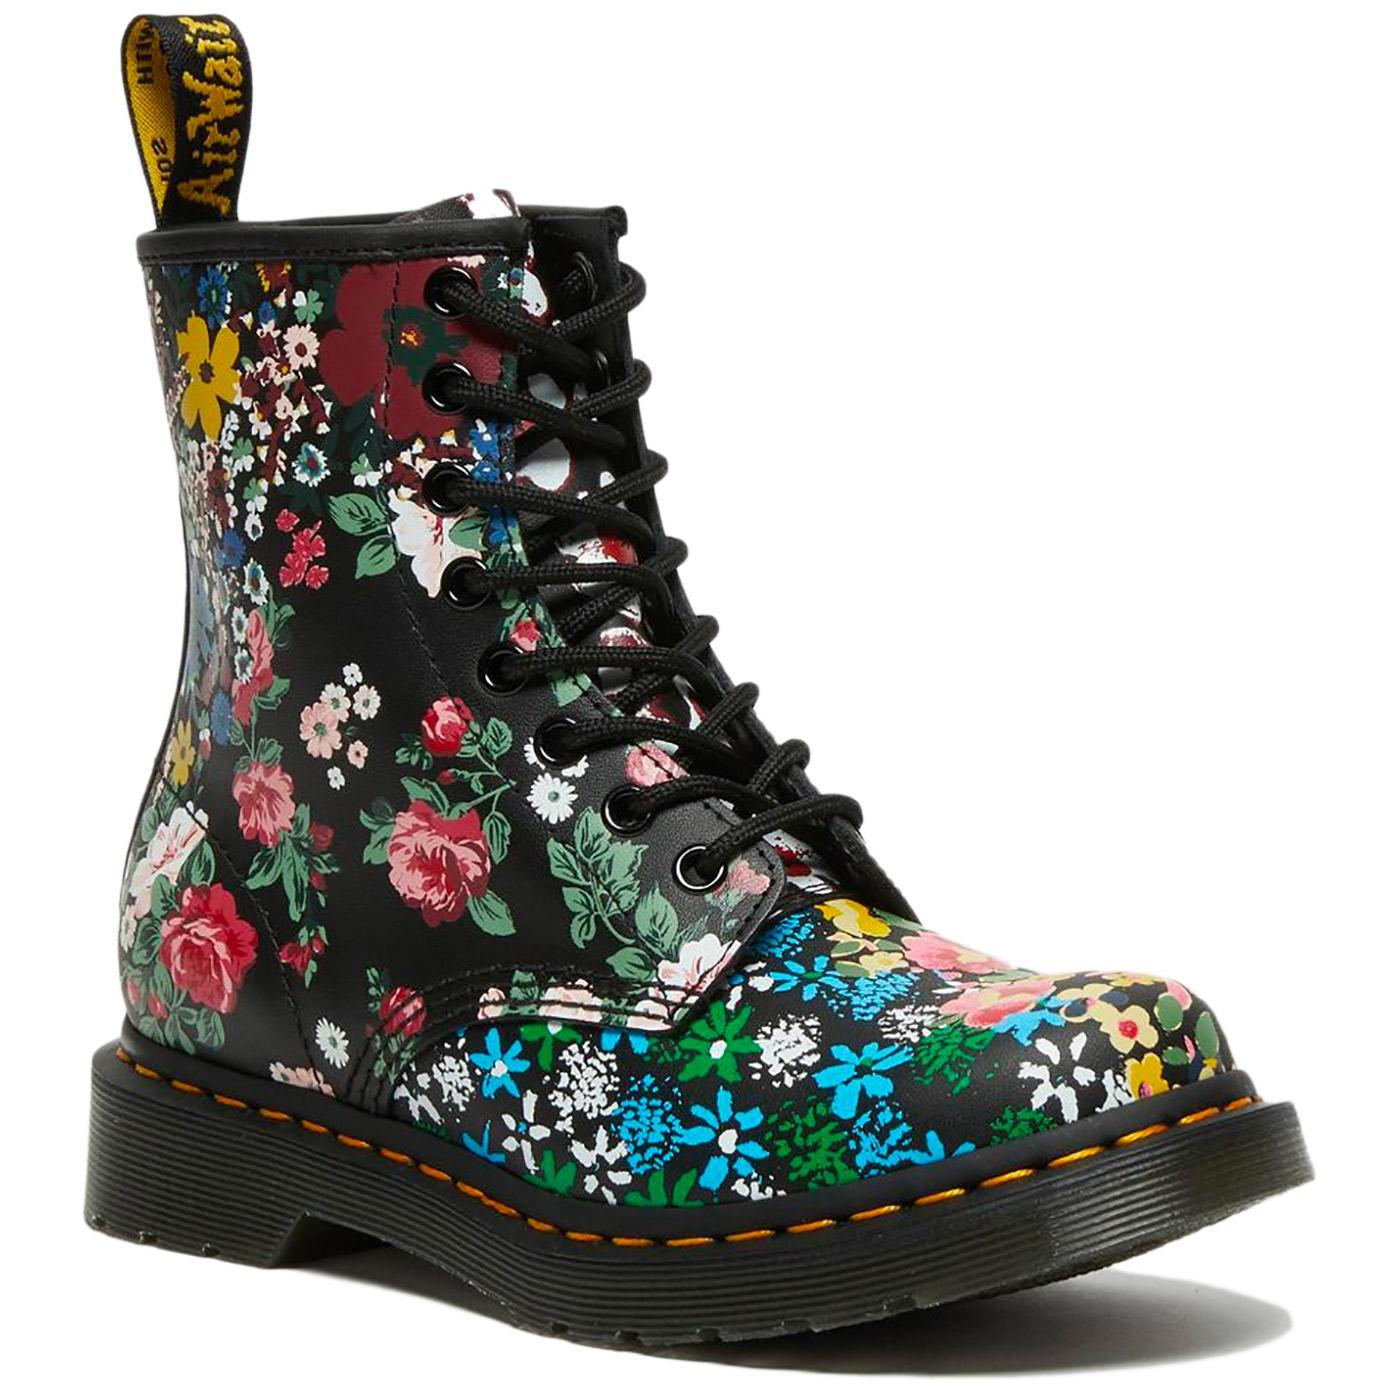 DR MARTENS 1460 Pascal Retro Floral Mash Up Boots